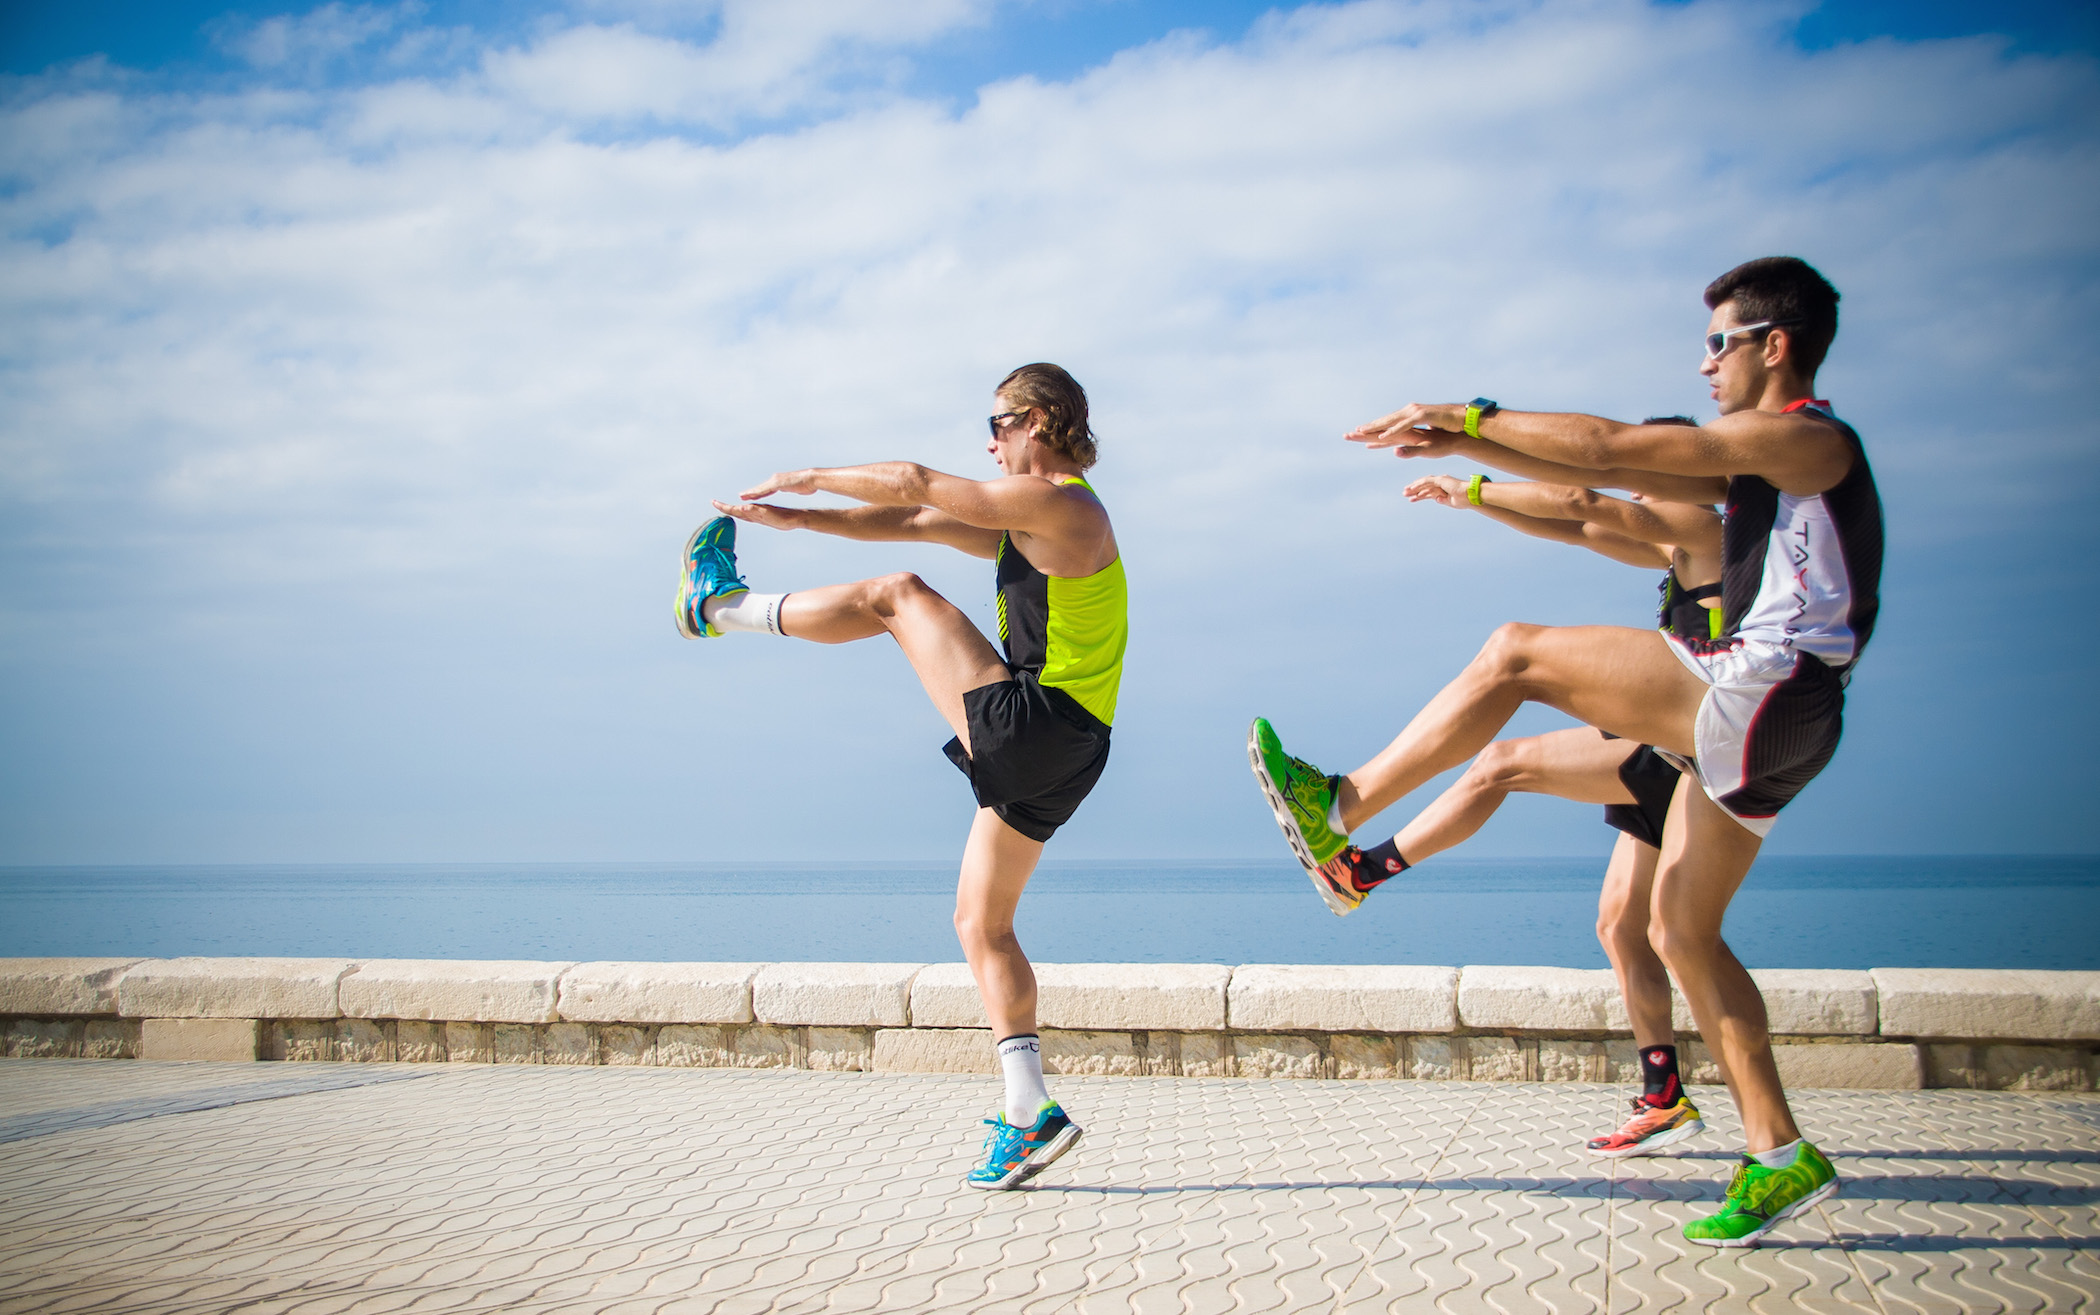 ejercicios de carrera calentamiento